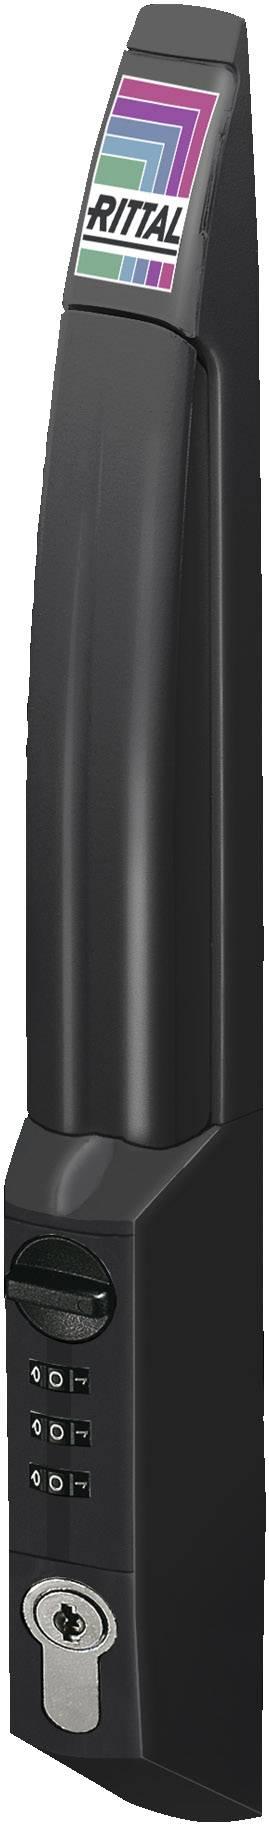 Bezpečnostní rukojeť Rittal DK 7200.801, s číselným kódem černá (RAL 9005), 1 ks